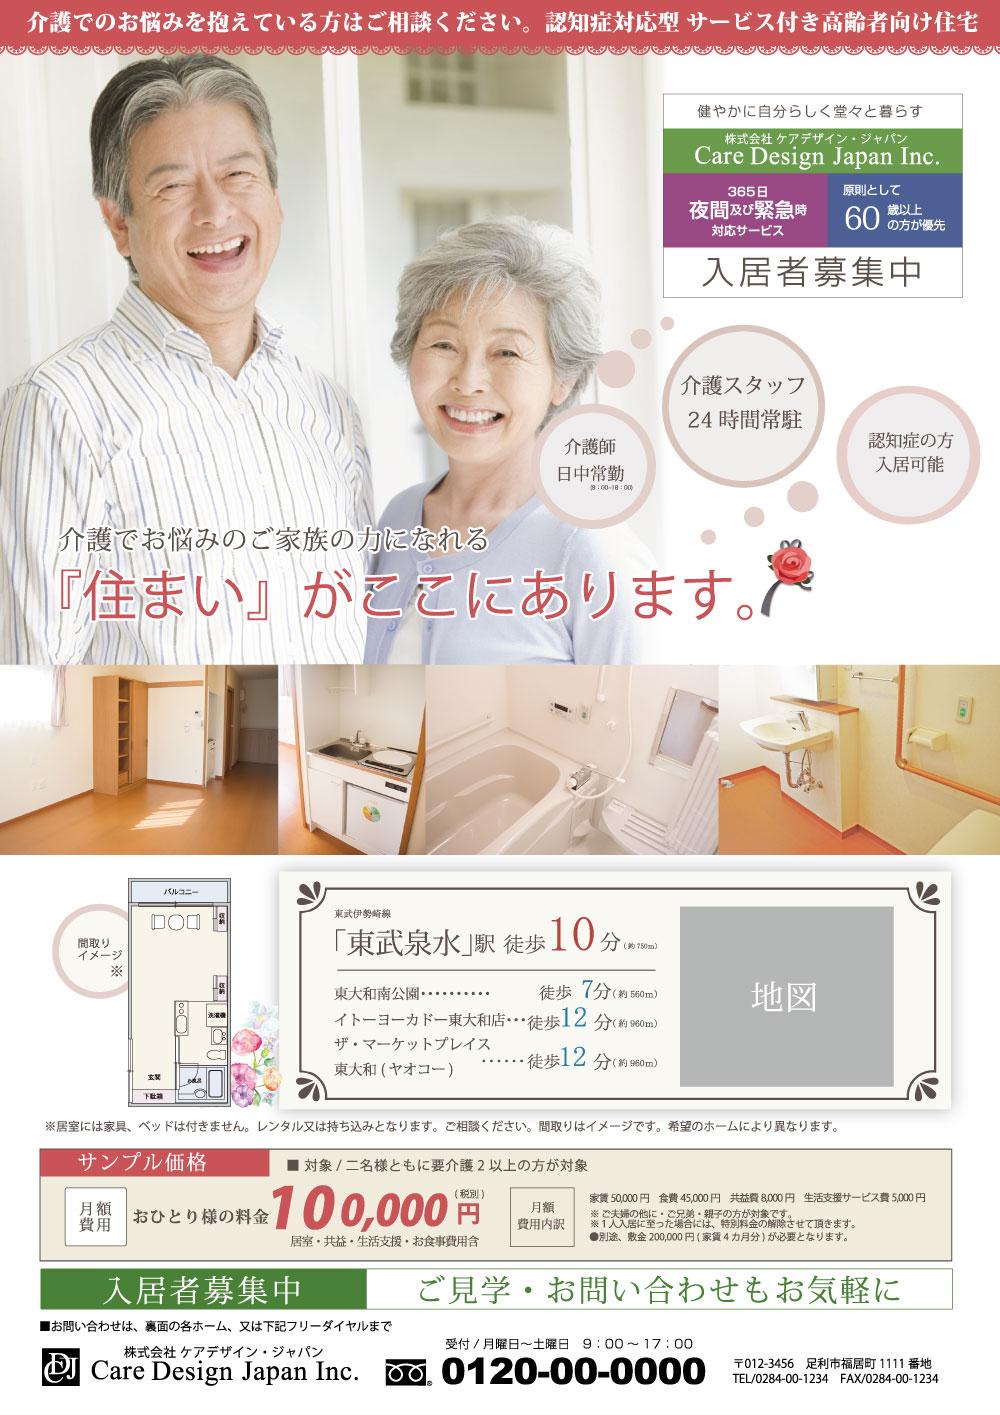 株式会社ケアデザイン・ジャパン | 足利市